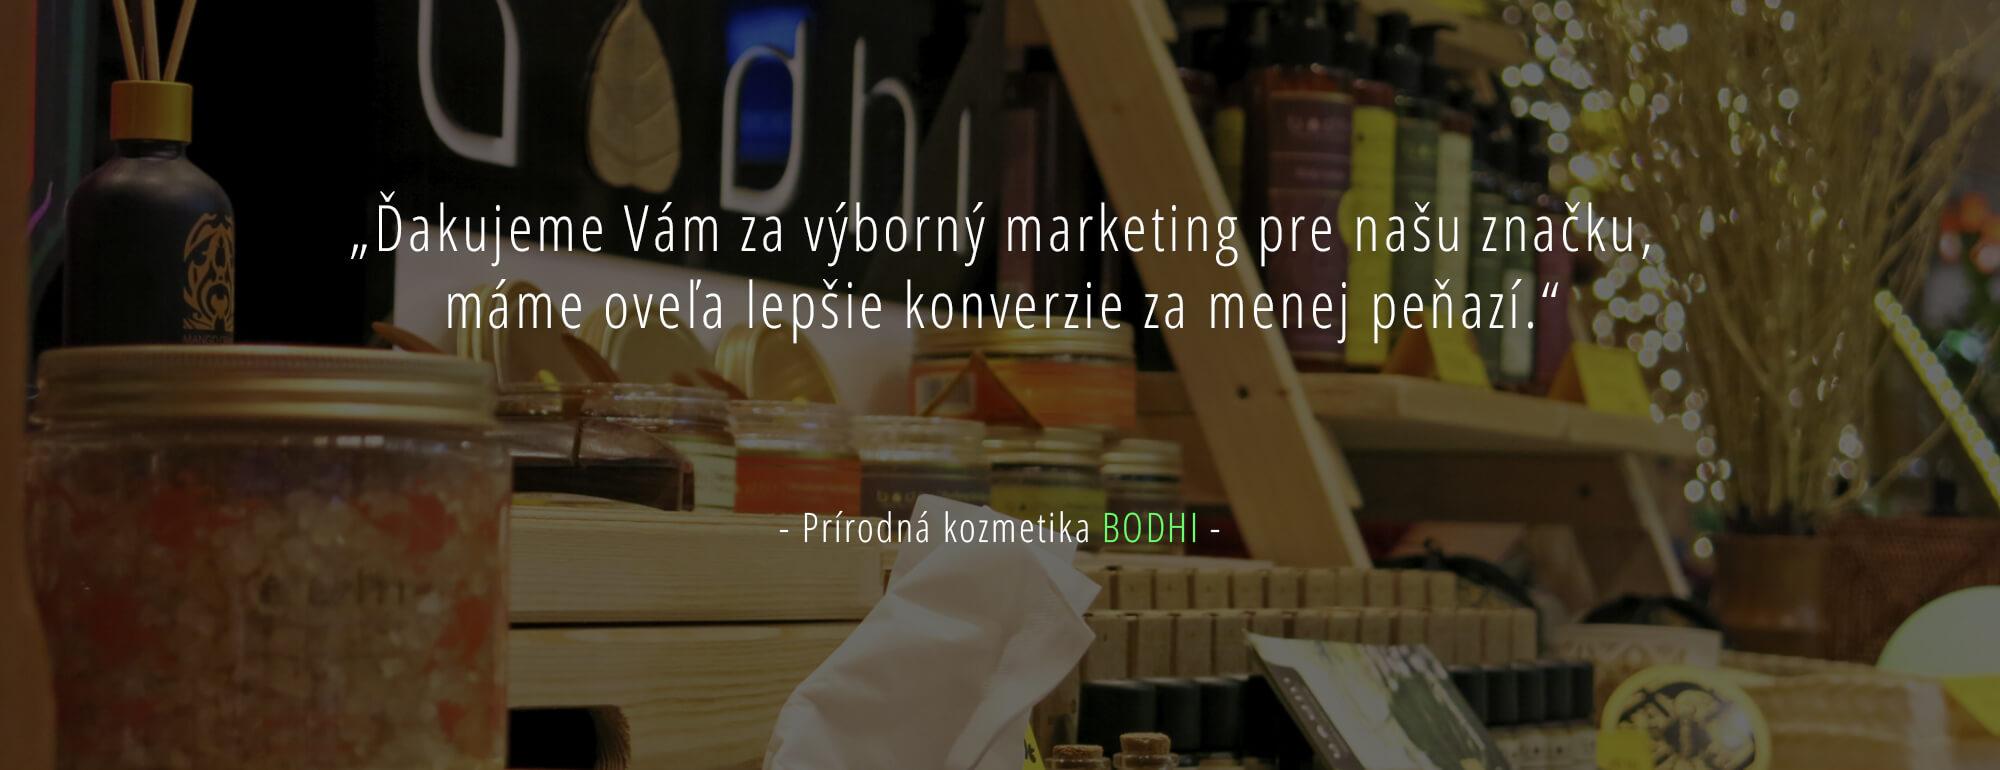 online marketing digital garden